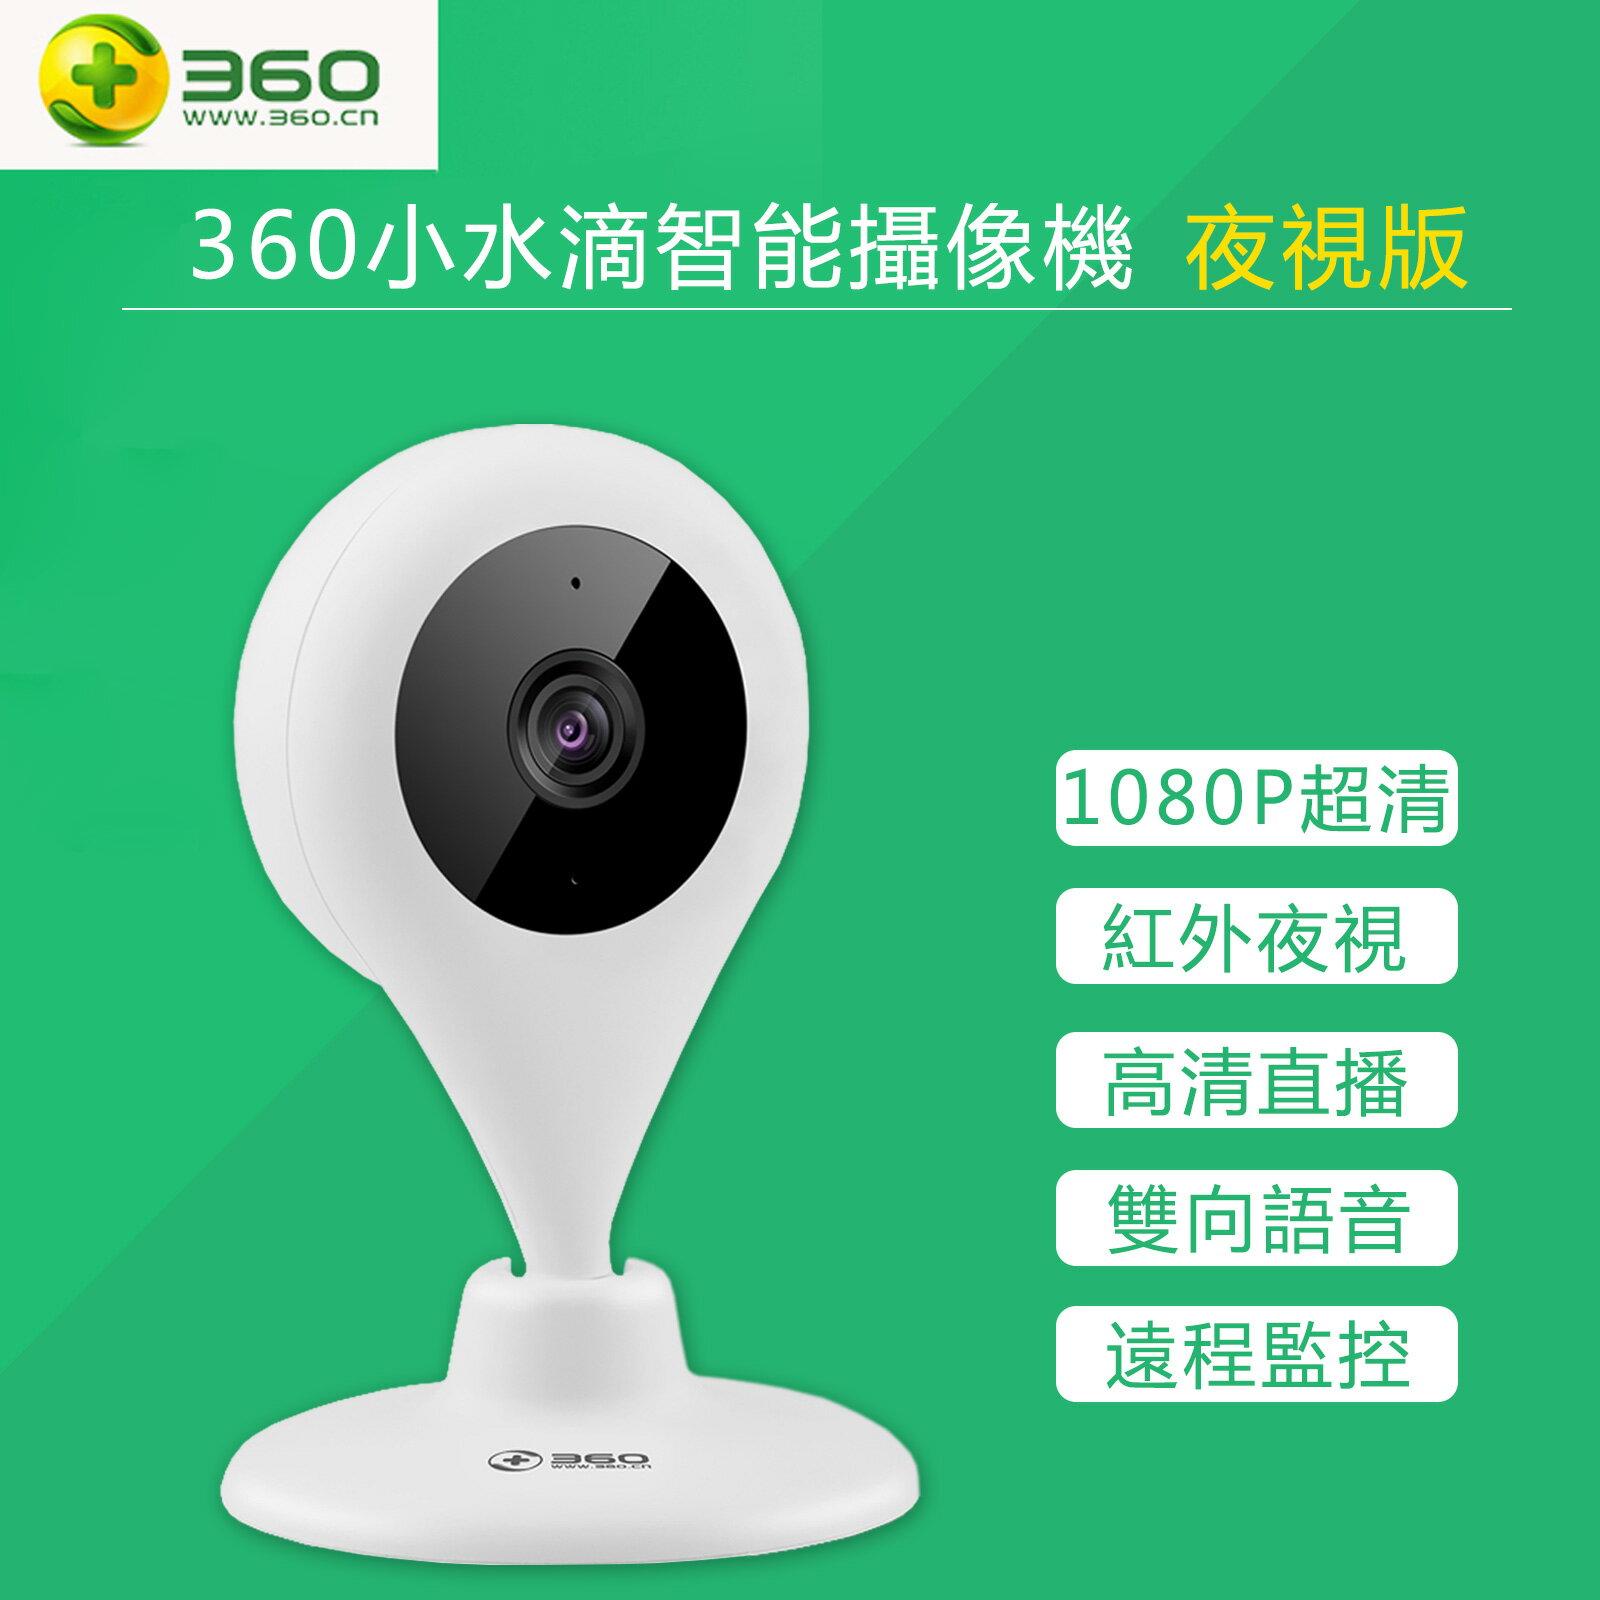 【正品免運】360智能攝影機1080P夜視版監視器攝像機  監控 WiFi 錄影機 高清【O3187】☆雙兒網☆ 1